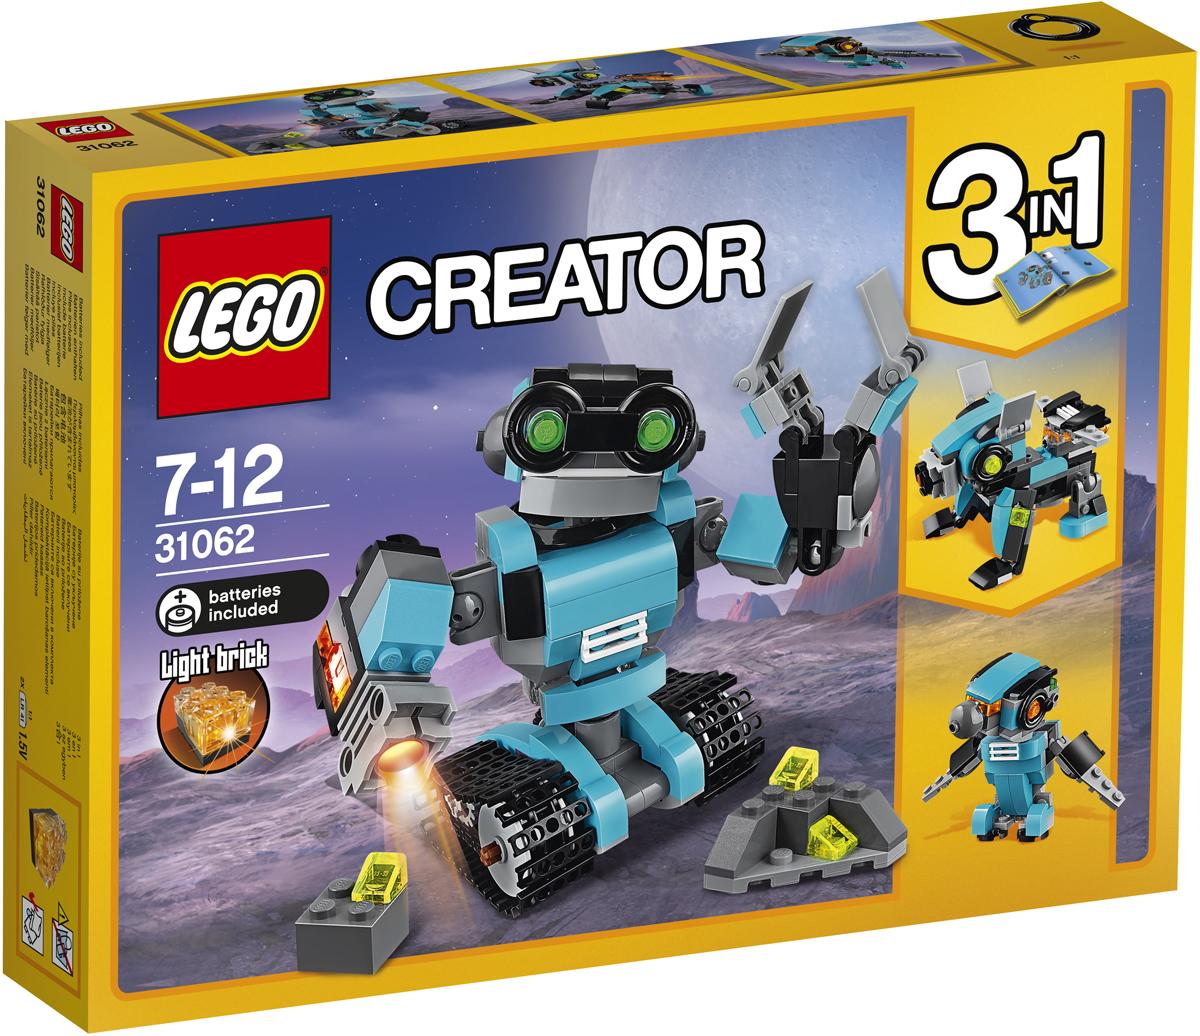 LEGO Creator Конструктор Робот-исследователь 3106231062Знакомься с дружелюбным Роботом-исследователем. У него большая голова и большие зелёные глаза. Робот выполнен в красивой светло-голубой, чёрной и серой гамме. Ты можешь менять положение его рук, поворачивать голову и тело, и передвигать его при помощи колёс. В его правой руке установлен специальный прожектор, а второй рукой он может хватать и переносить предметы! Модель трансформируется в Собаку-робота со светящимся реактивным ранцем или Птицу-робота со светящимися глазами!